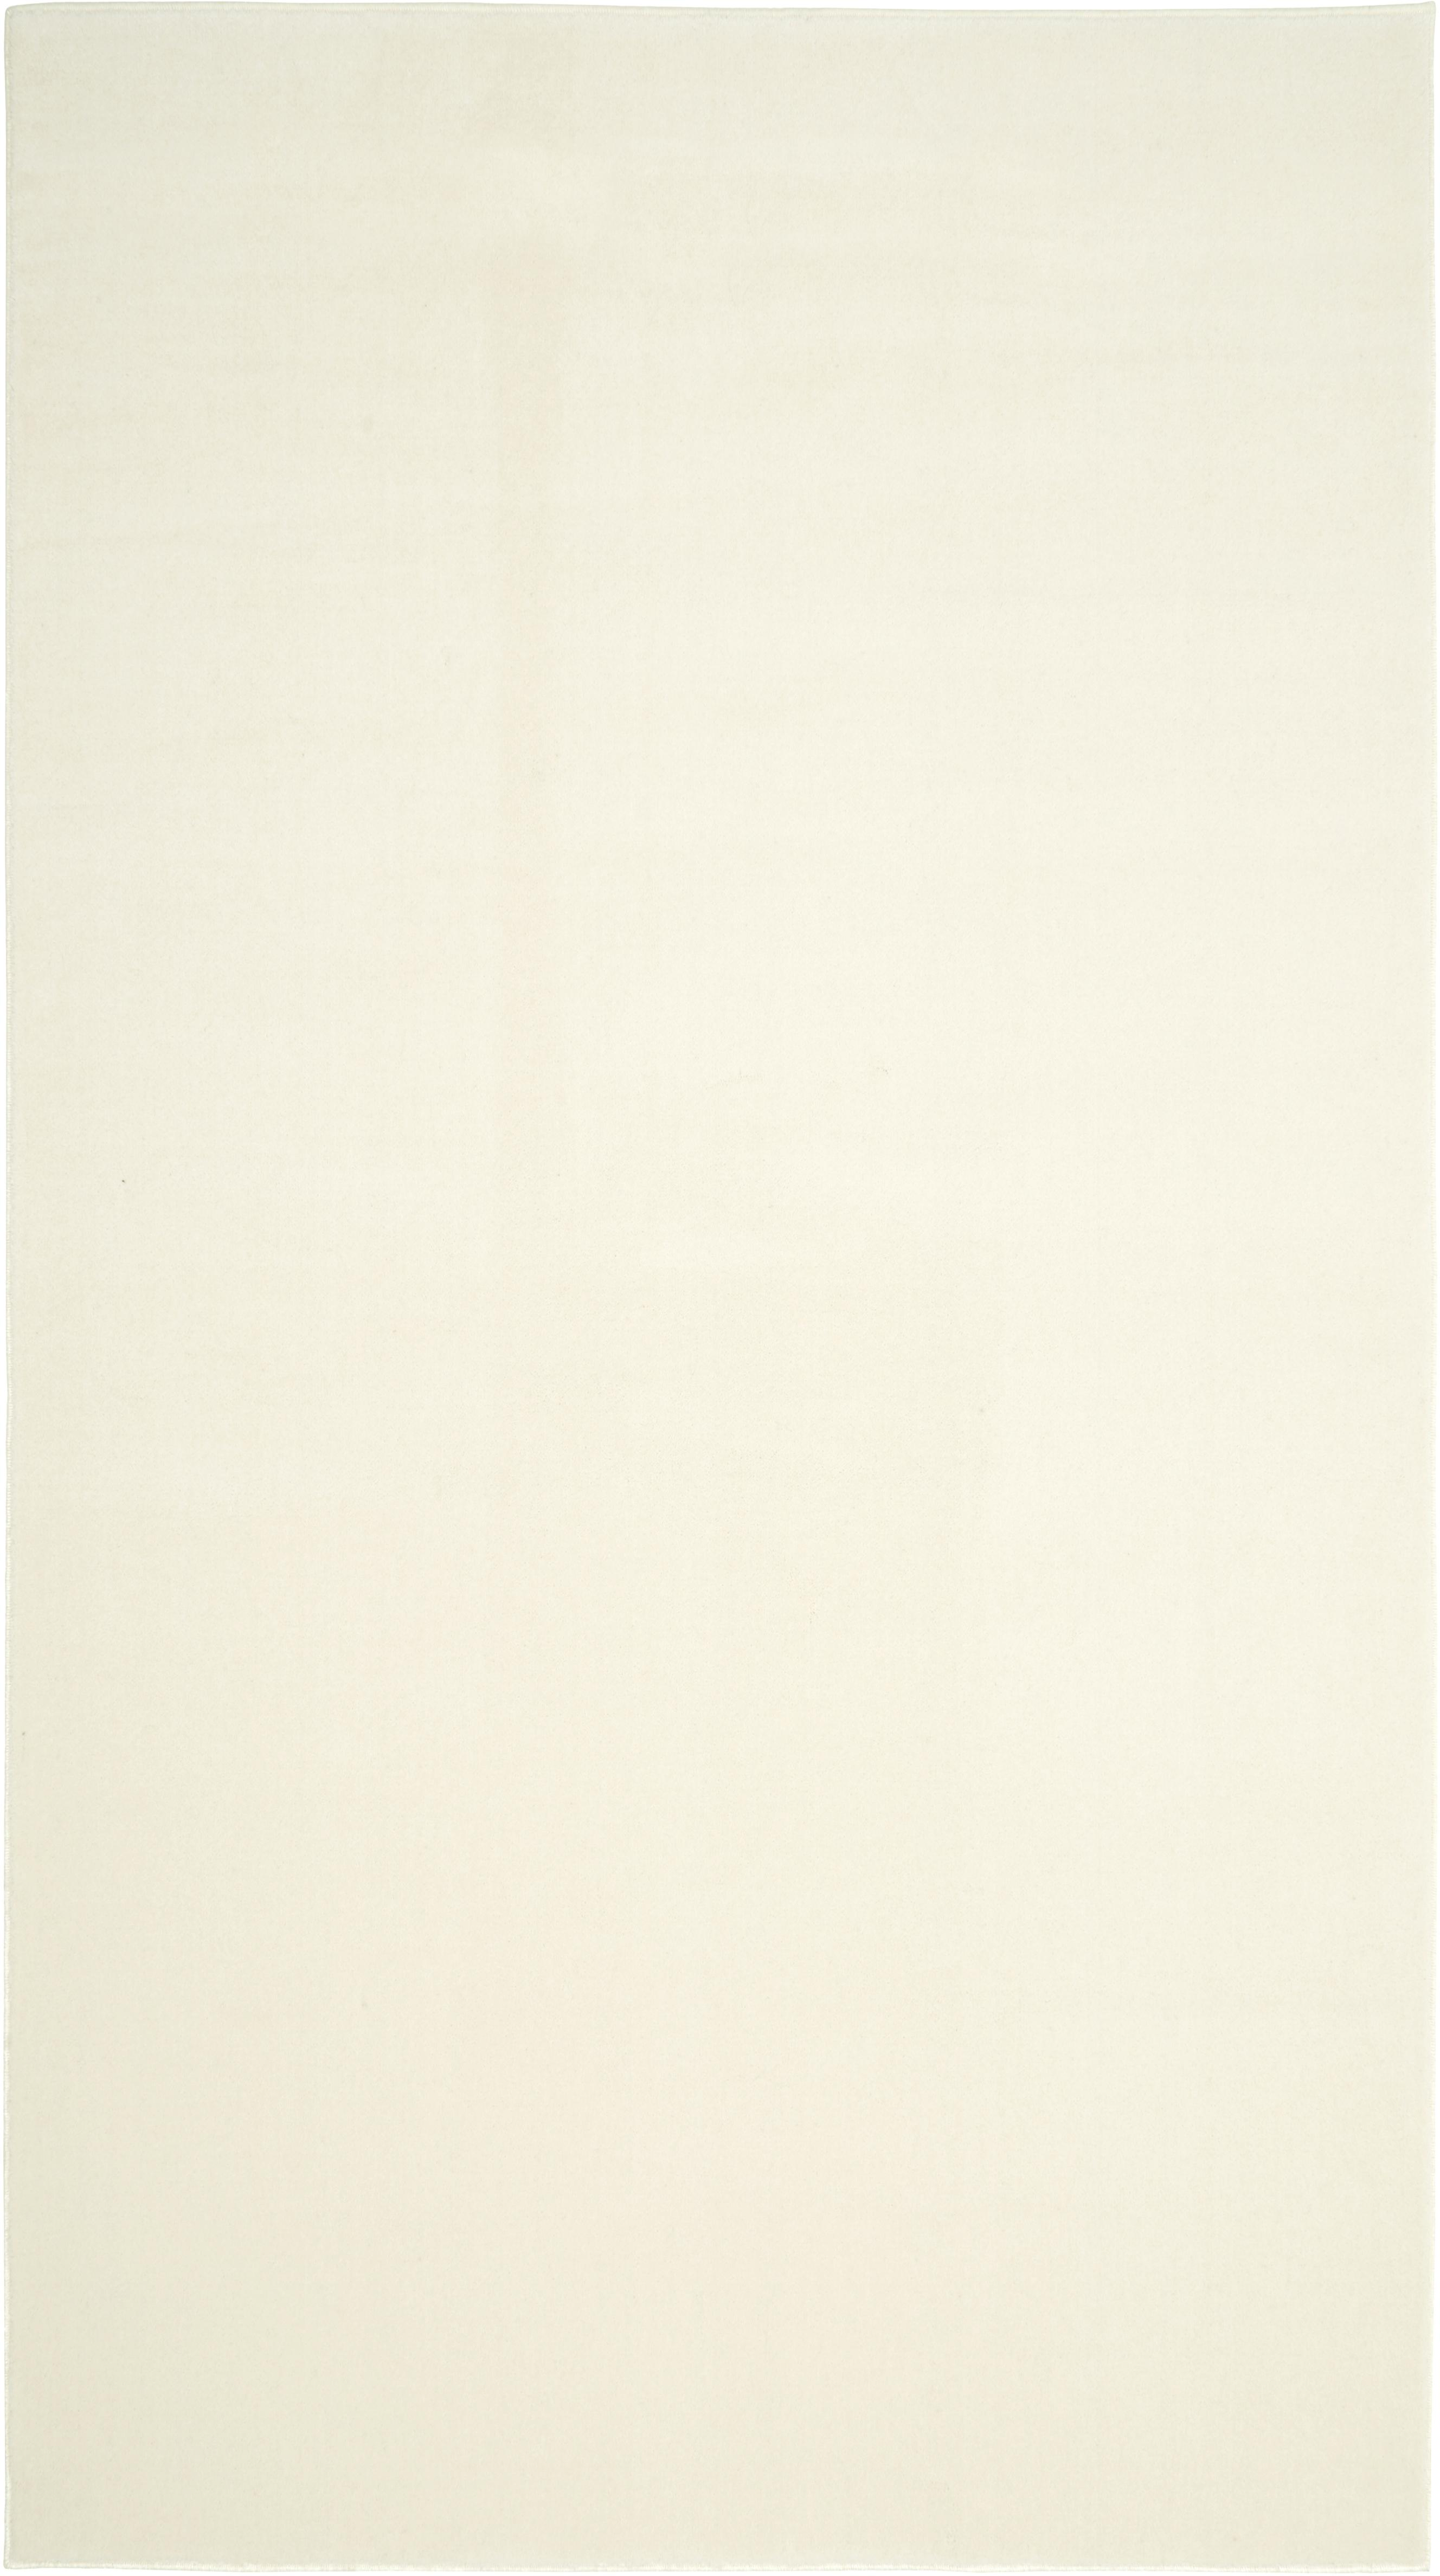 Wollteppich Ida in Beige, Flor: Wolle, Beige, B 60 x L 110 cm (Größe XS)